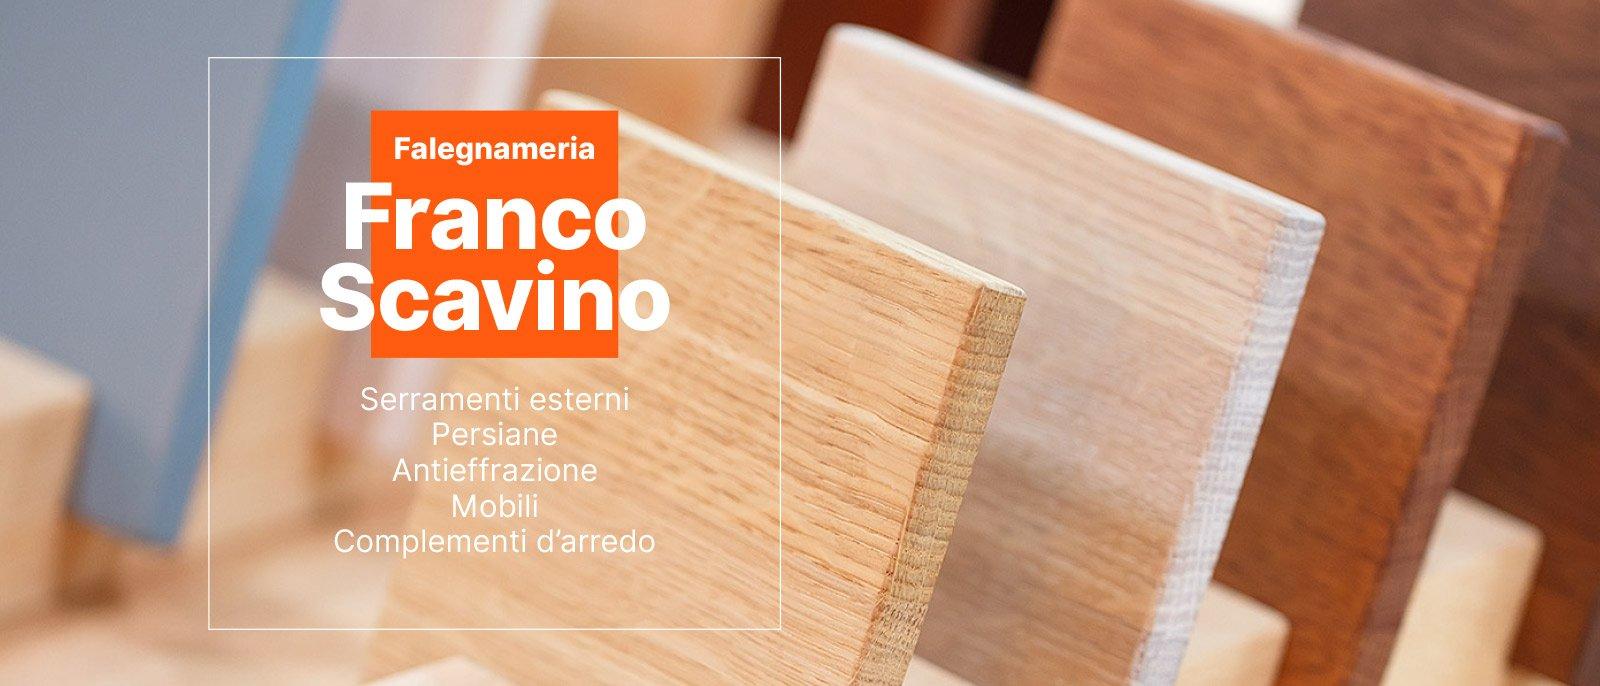 Falegnameria Franco Scavino - Serramenti e sistemi oscuranti, mobili e arredi su misura